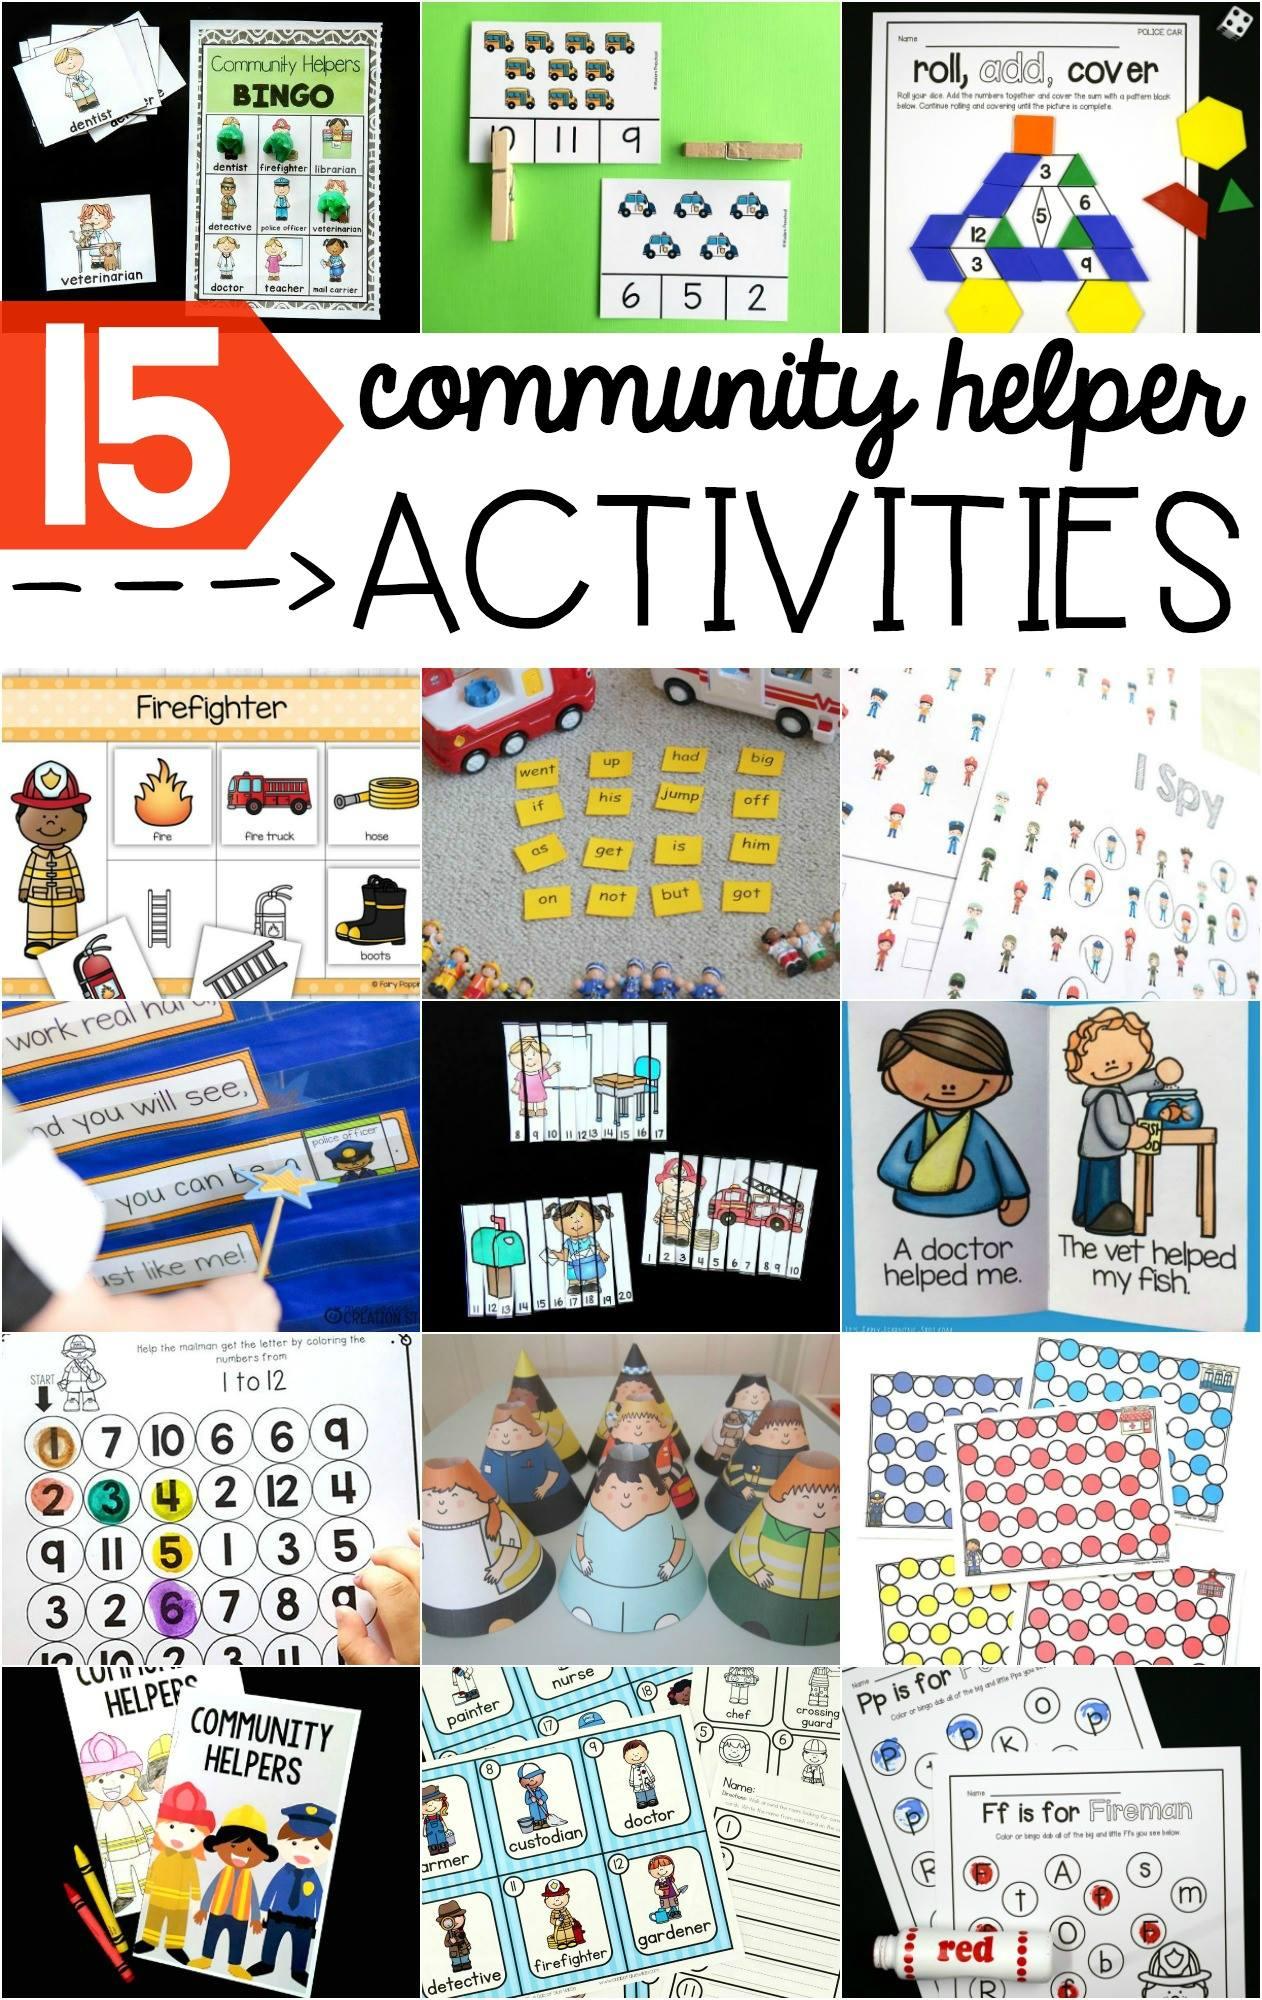 15-community-helpers-activities